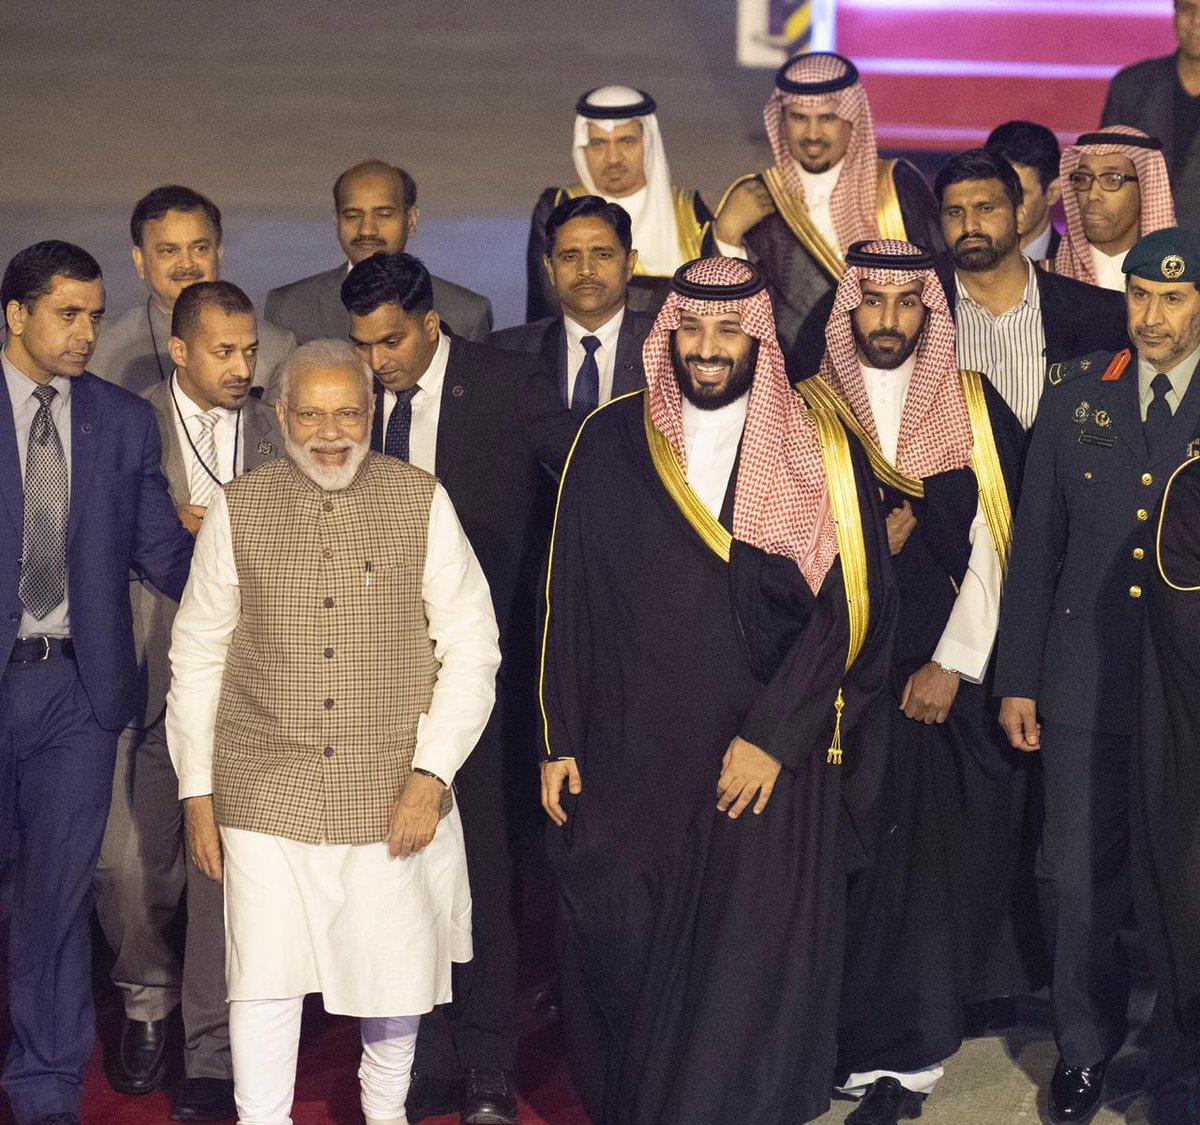 السفير الساطي: زيارة ولي العهد للهند فرصة تاريخية لتعزيز التعاون والعلاقات والاستراتيجية